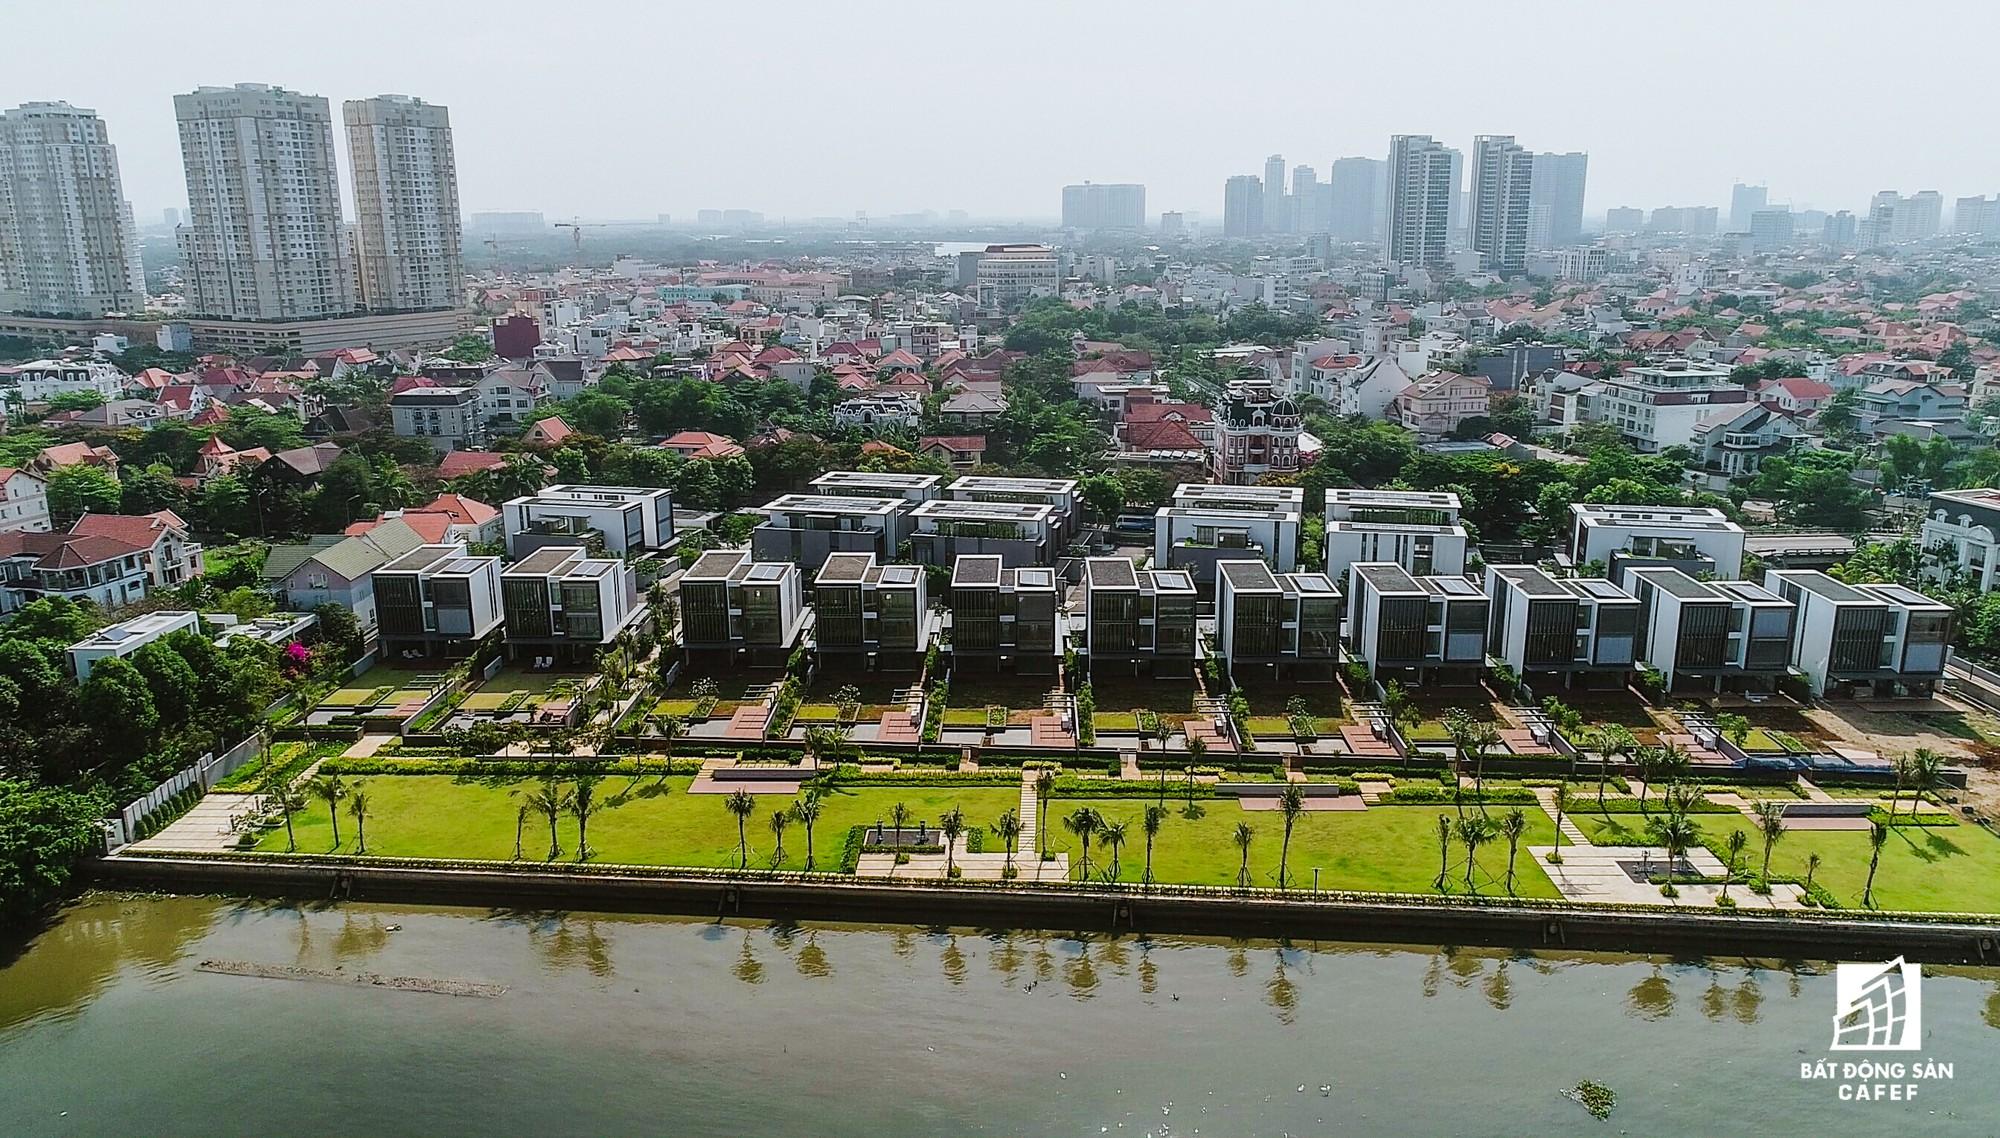 Nhà giàu cũng khóc trong những khu biệt thự sang chảnh bậc nhất Sài Gòn - Ảnh 7.